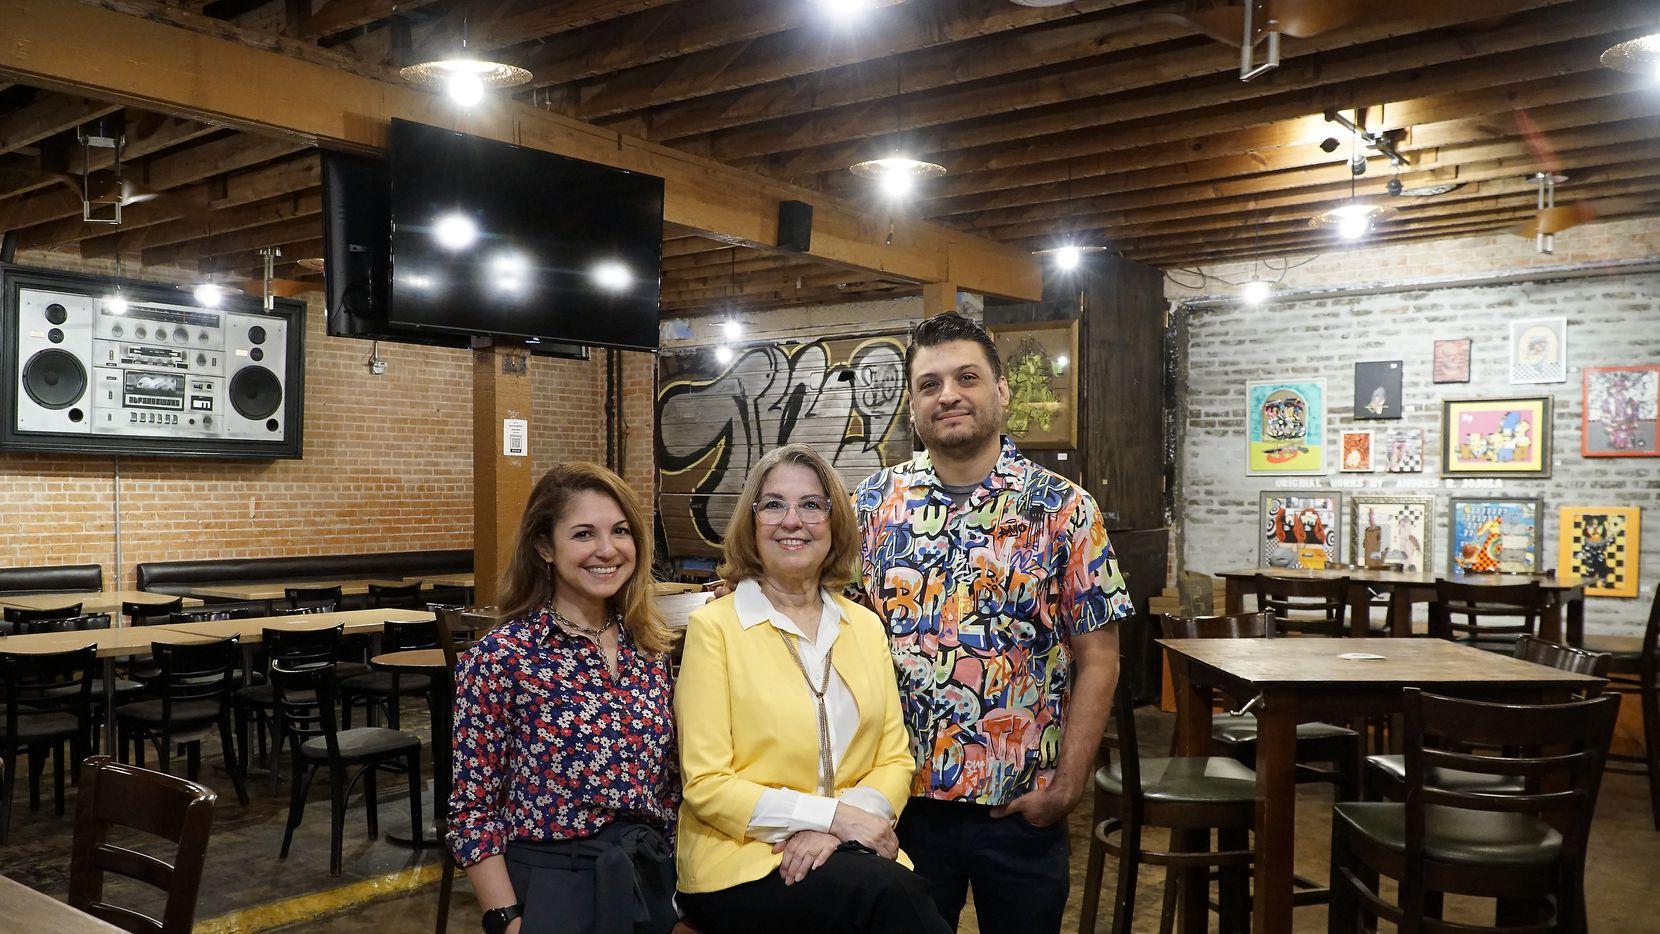 Strangeways owners Rosie Ildemaro, Eric Sanchez, and their mom, Yolanda Sanchez